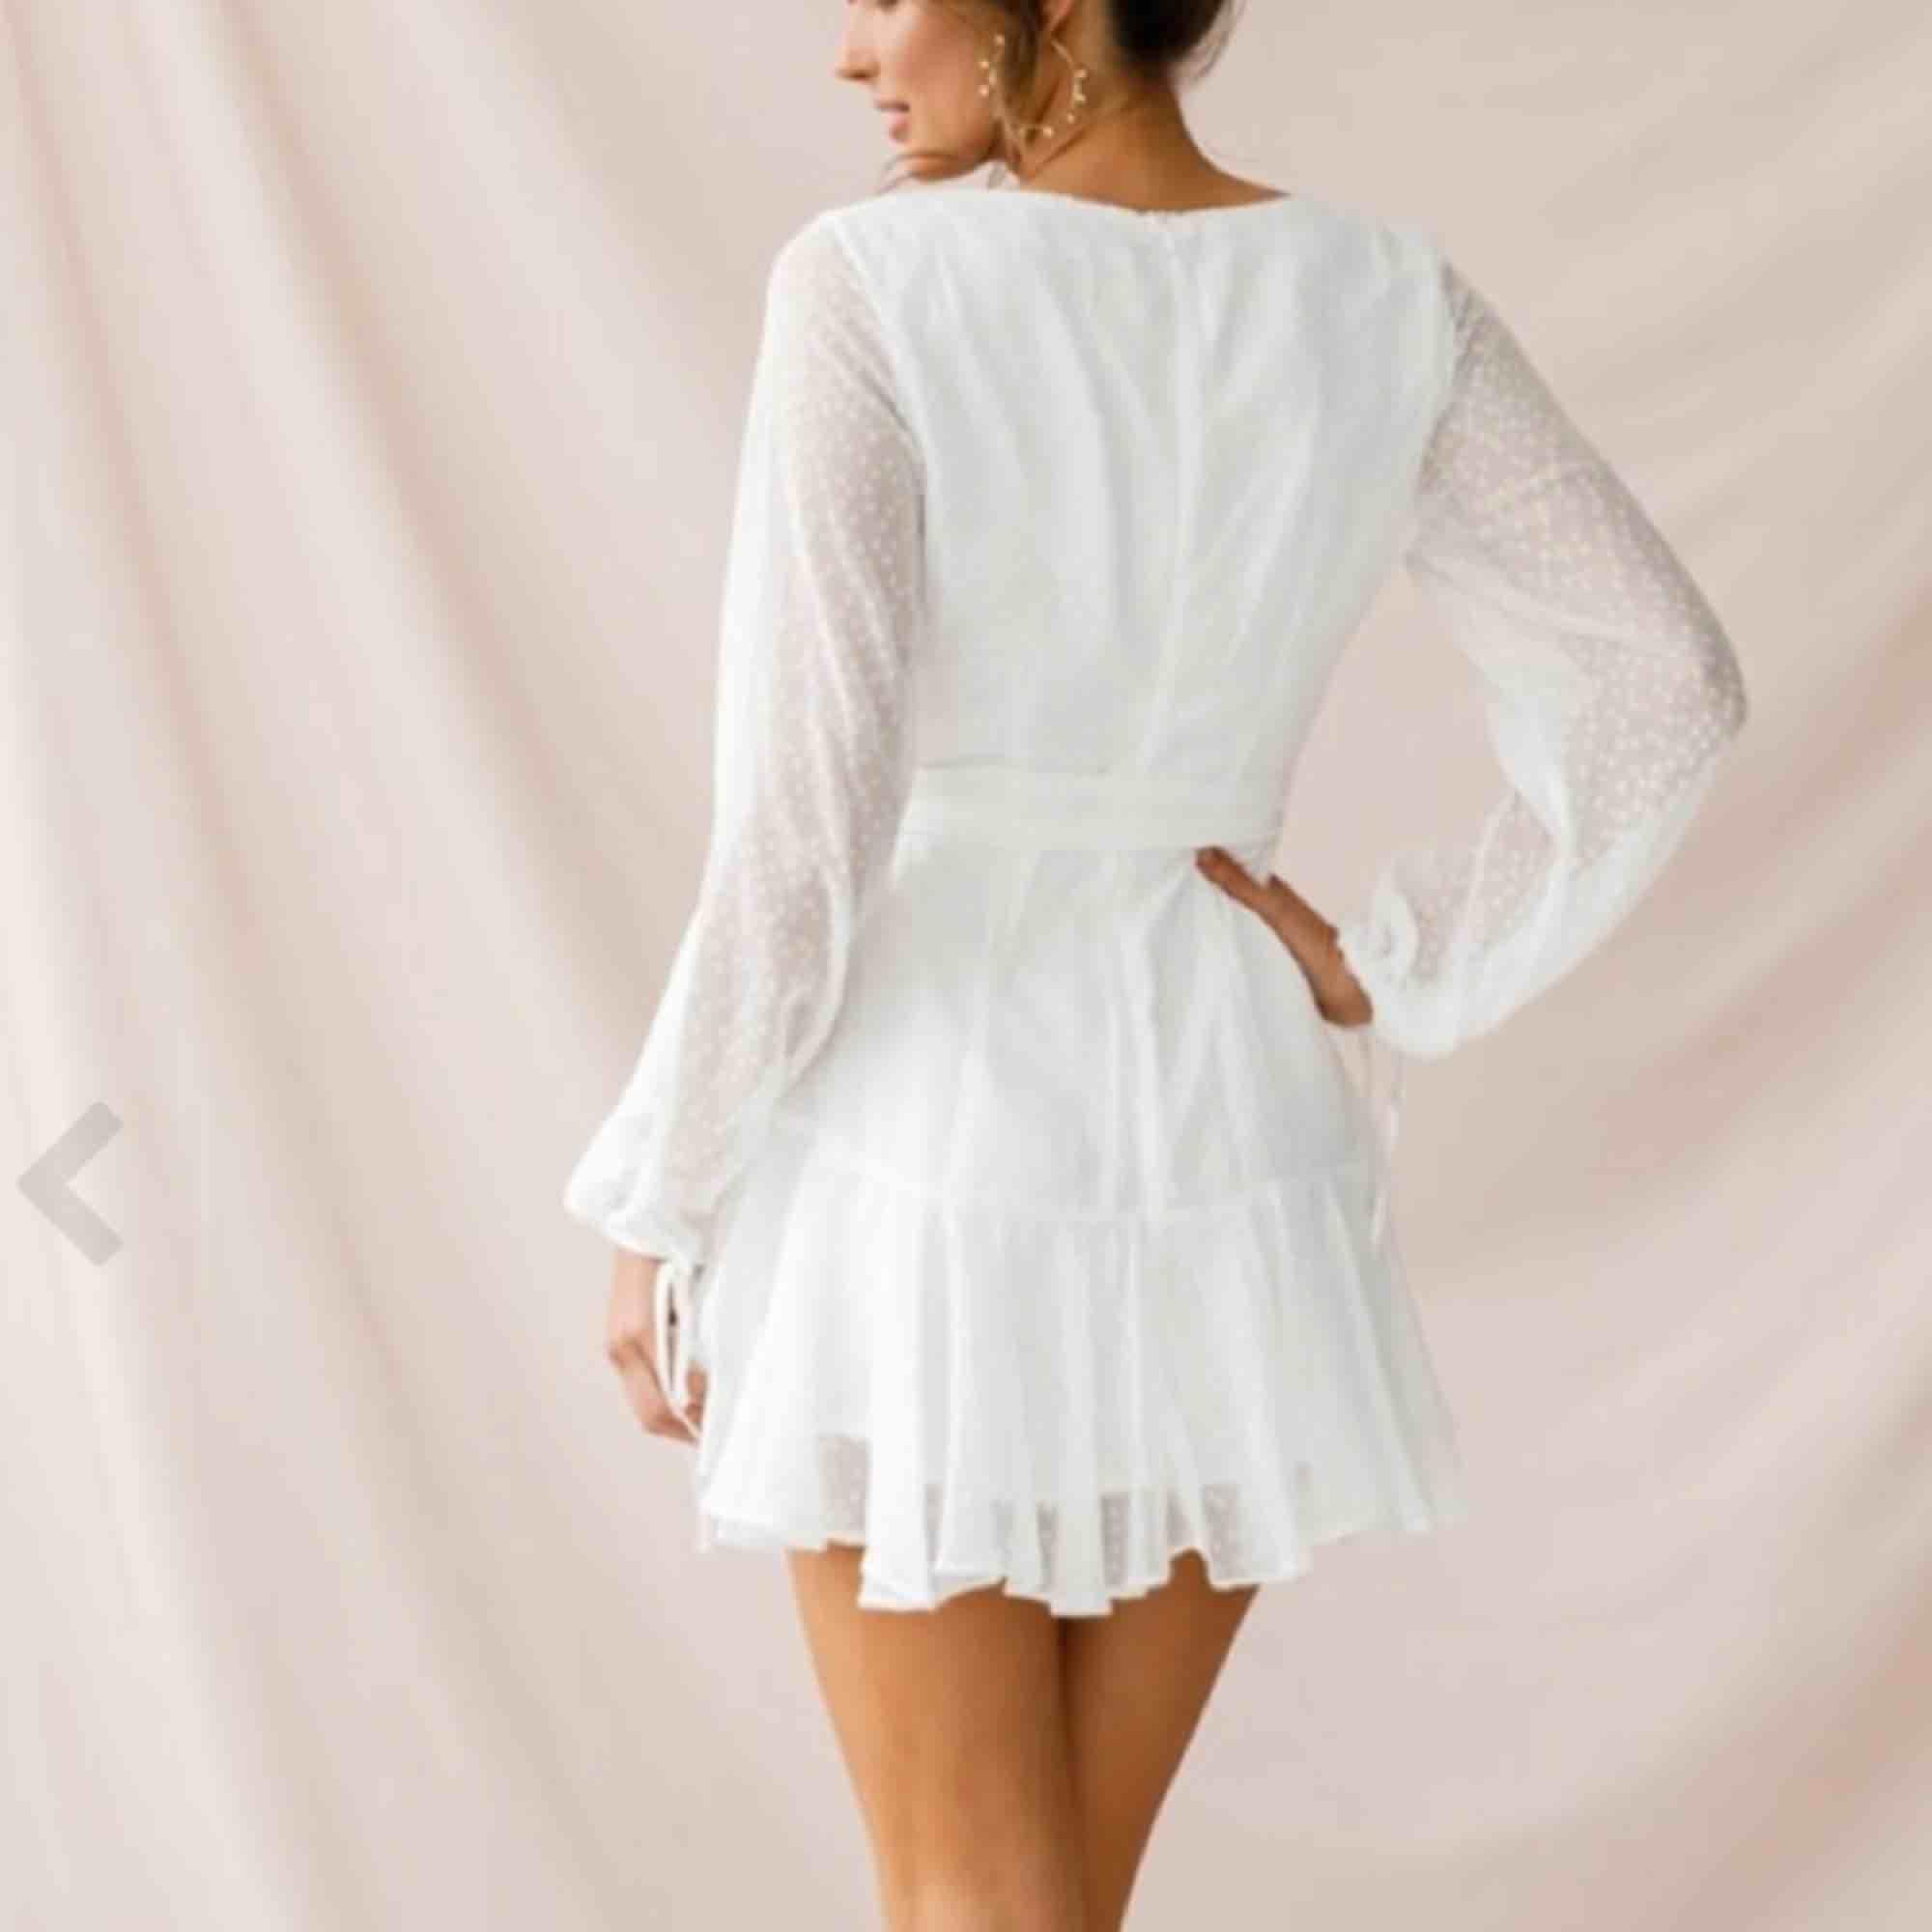 Helt ny klänning från DMretro i storlek s. Säljs eftersom jag inte returnerade i tid. Fler bilder kan skickas om så önskas! Nypris 799. Klänningar.